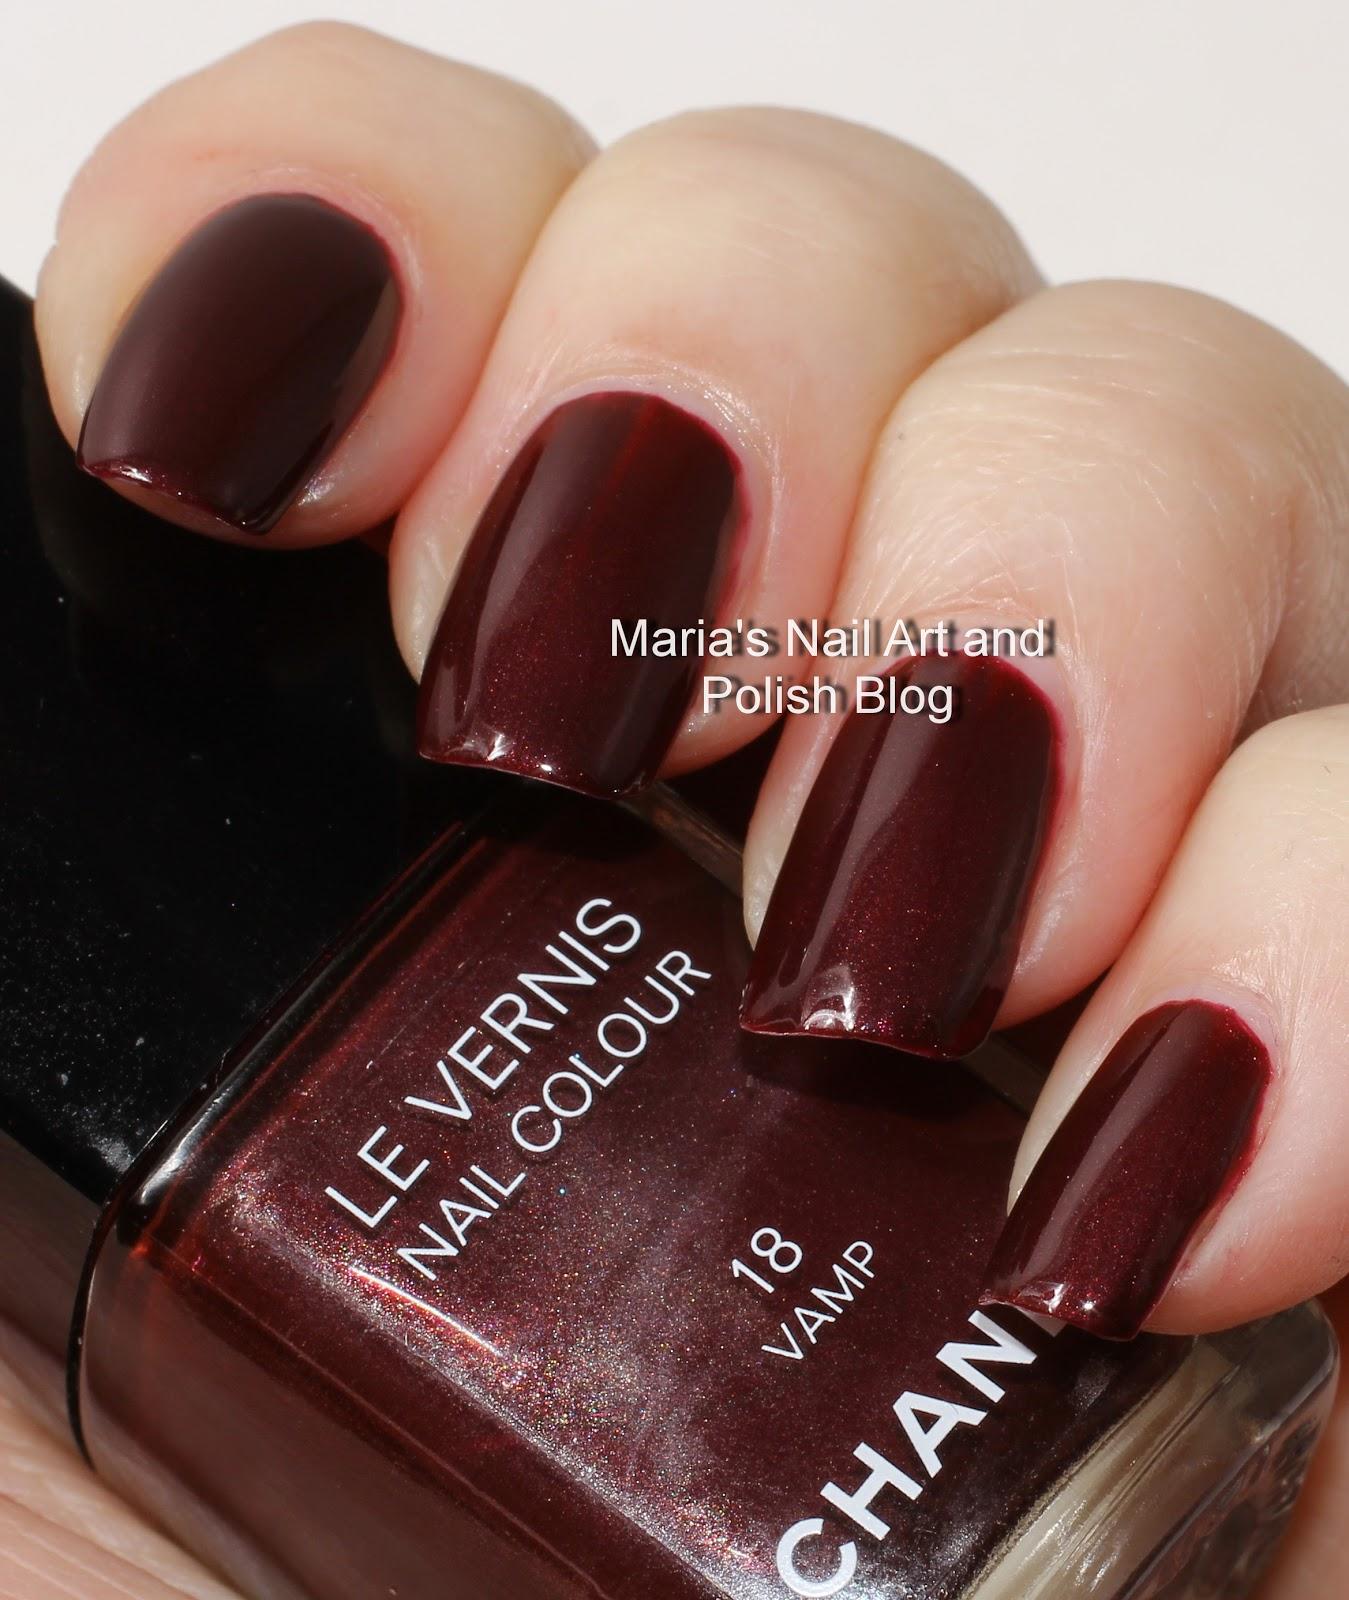 Marias Nail Art And Polish Blog: Chanel Vamp 18